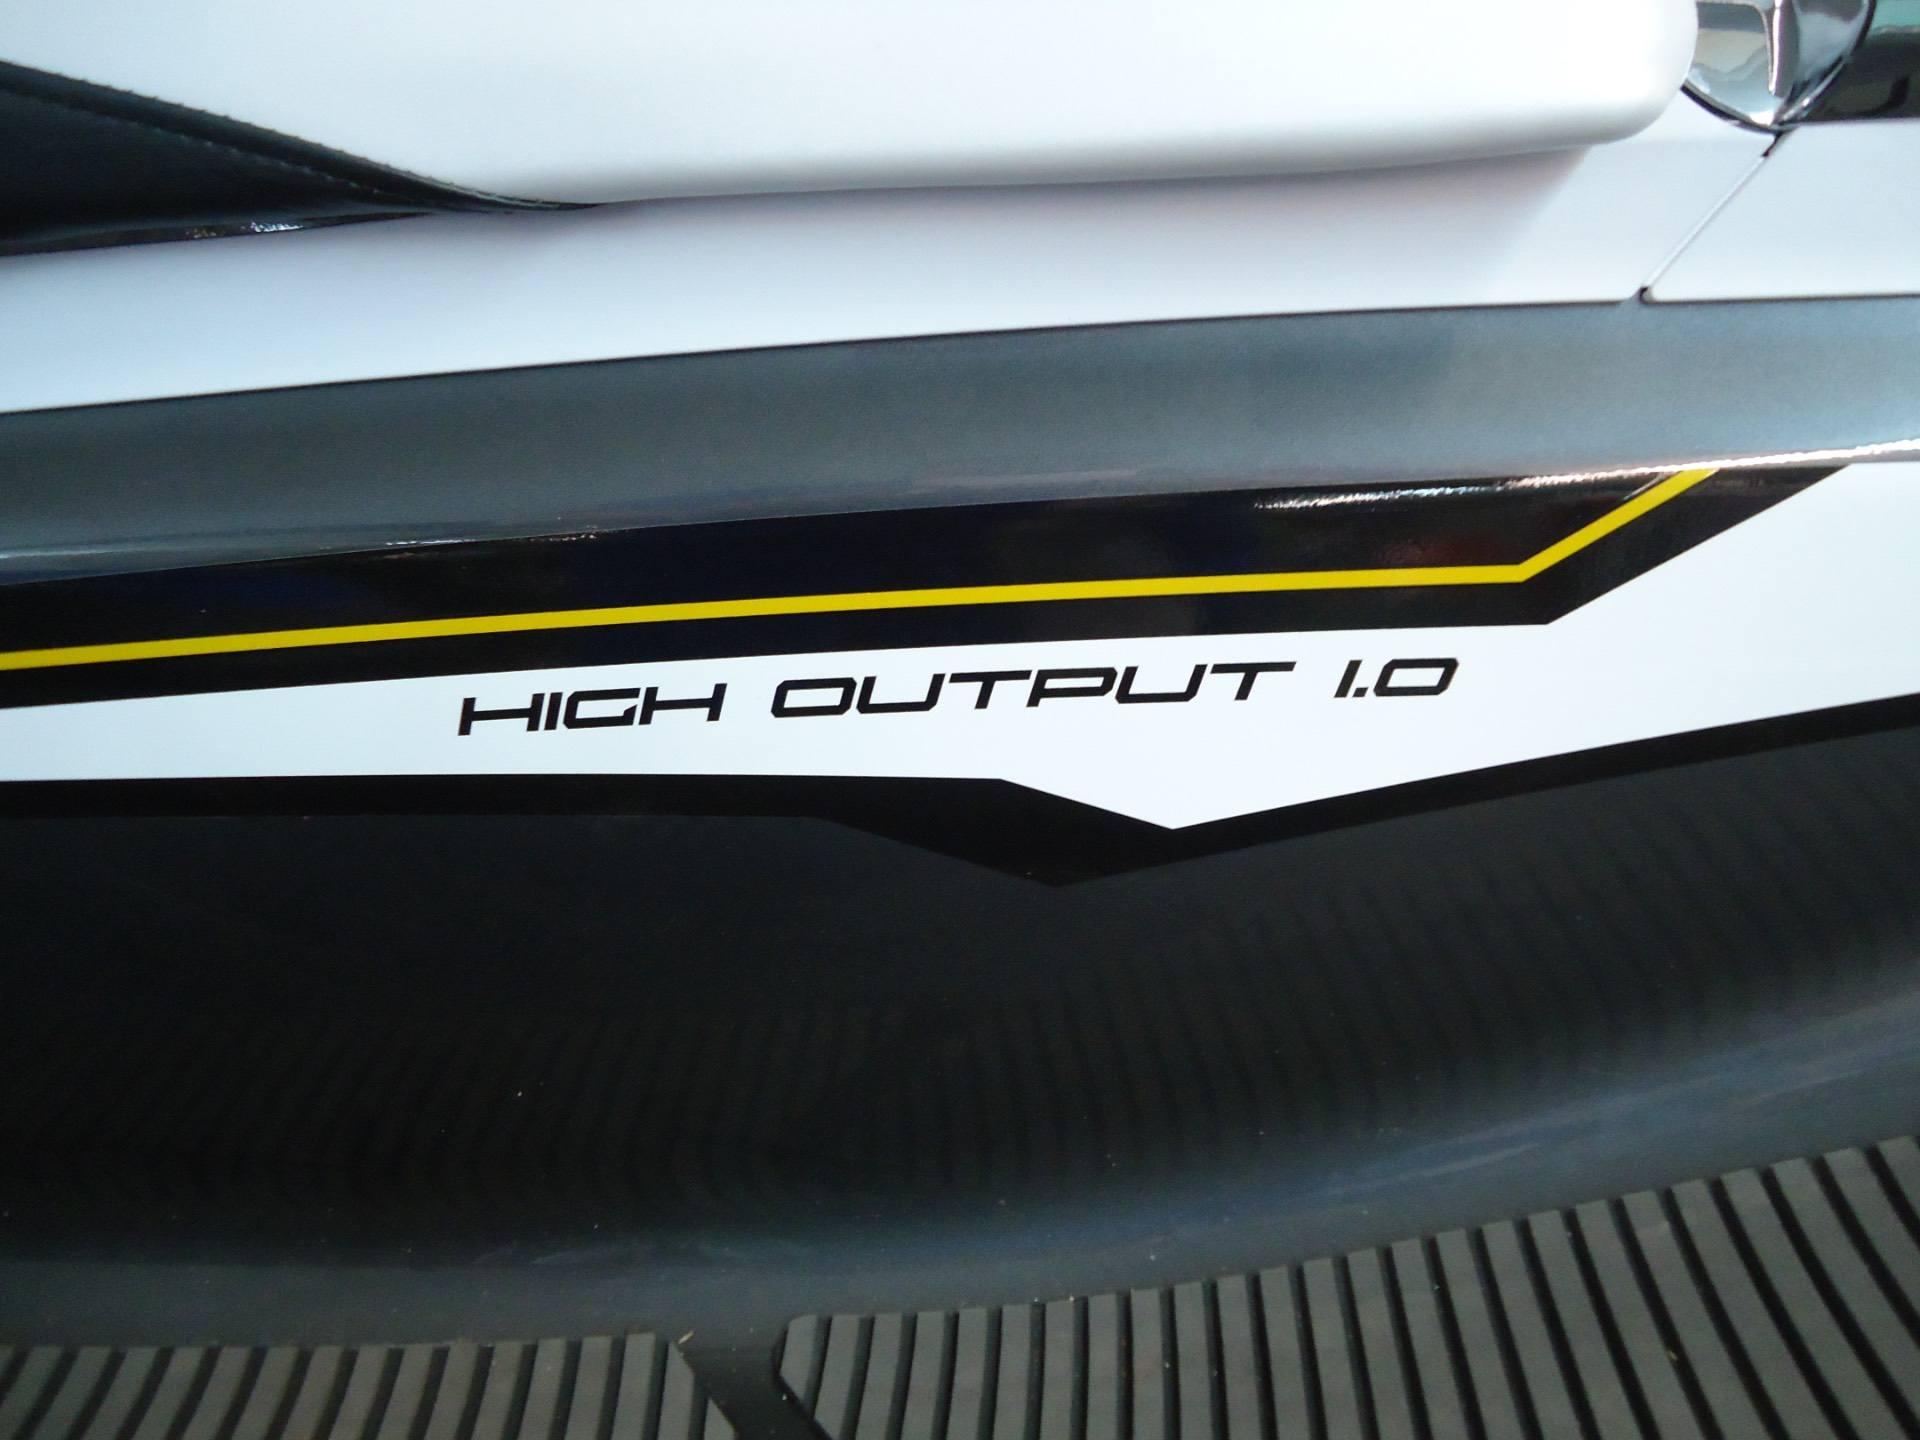 2017 Yamaha VX Cruiser 8